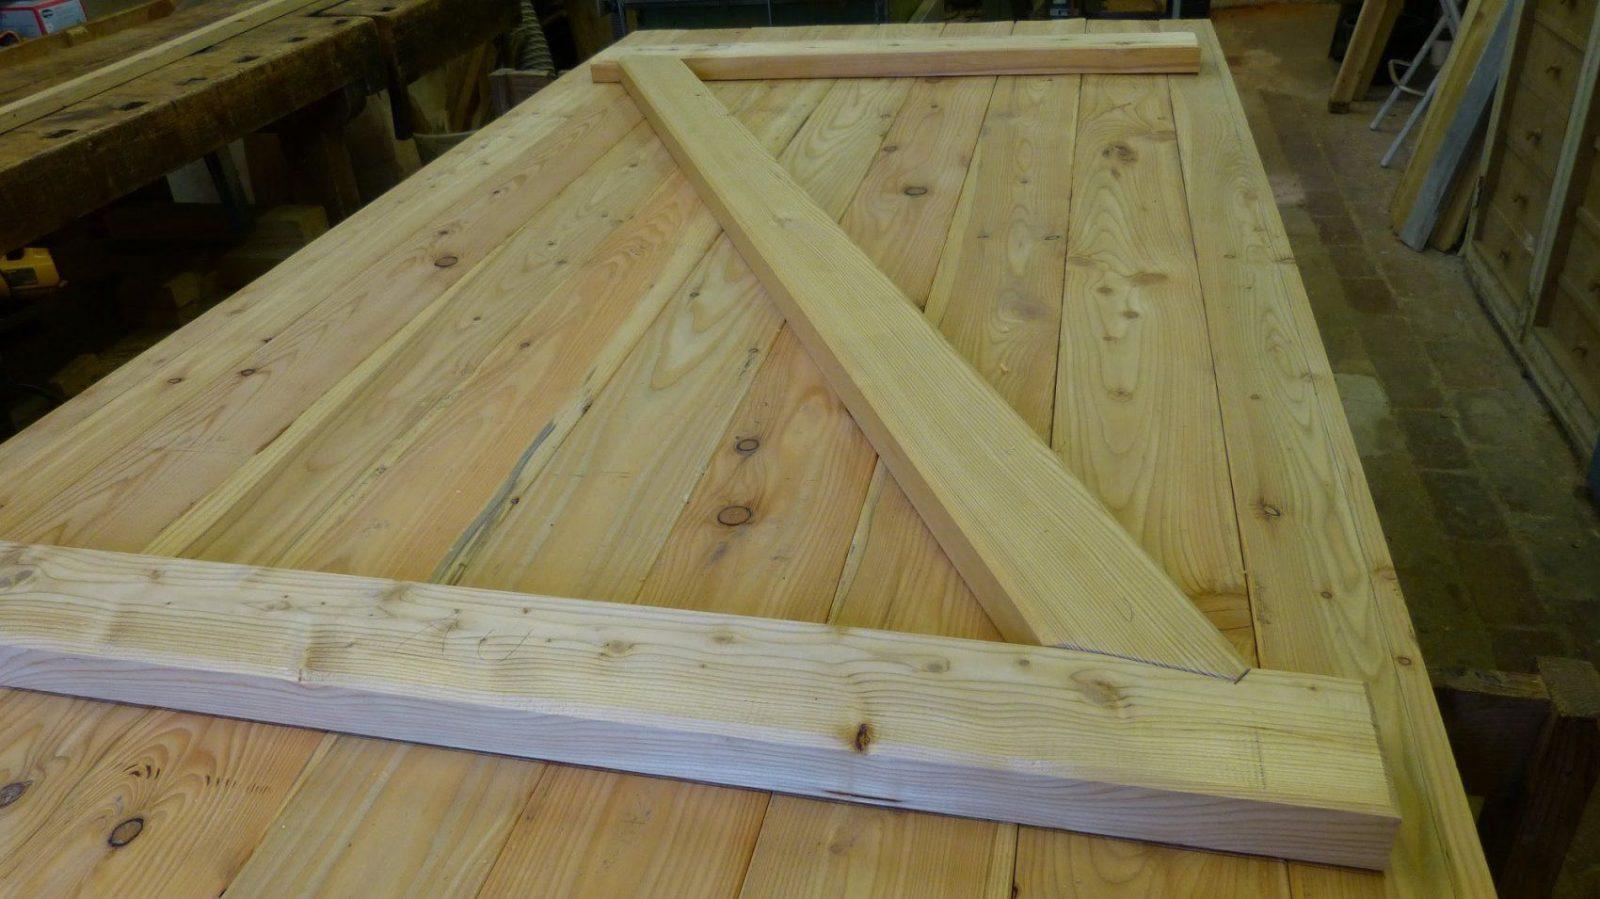 Brettertüre Mit Versatz Selber Herstellen Building A Batten Wood von Holz Garagentor Selber Bauen Photo